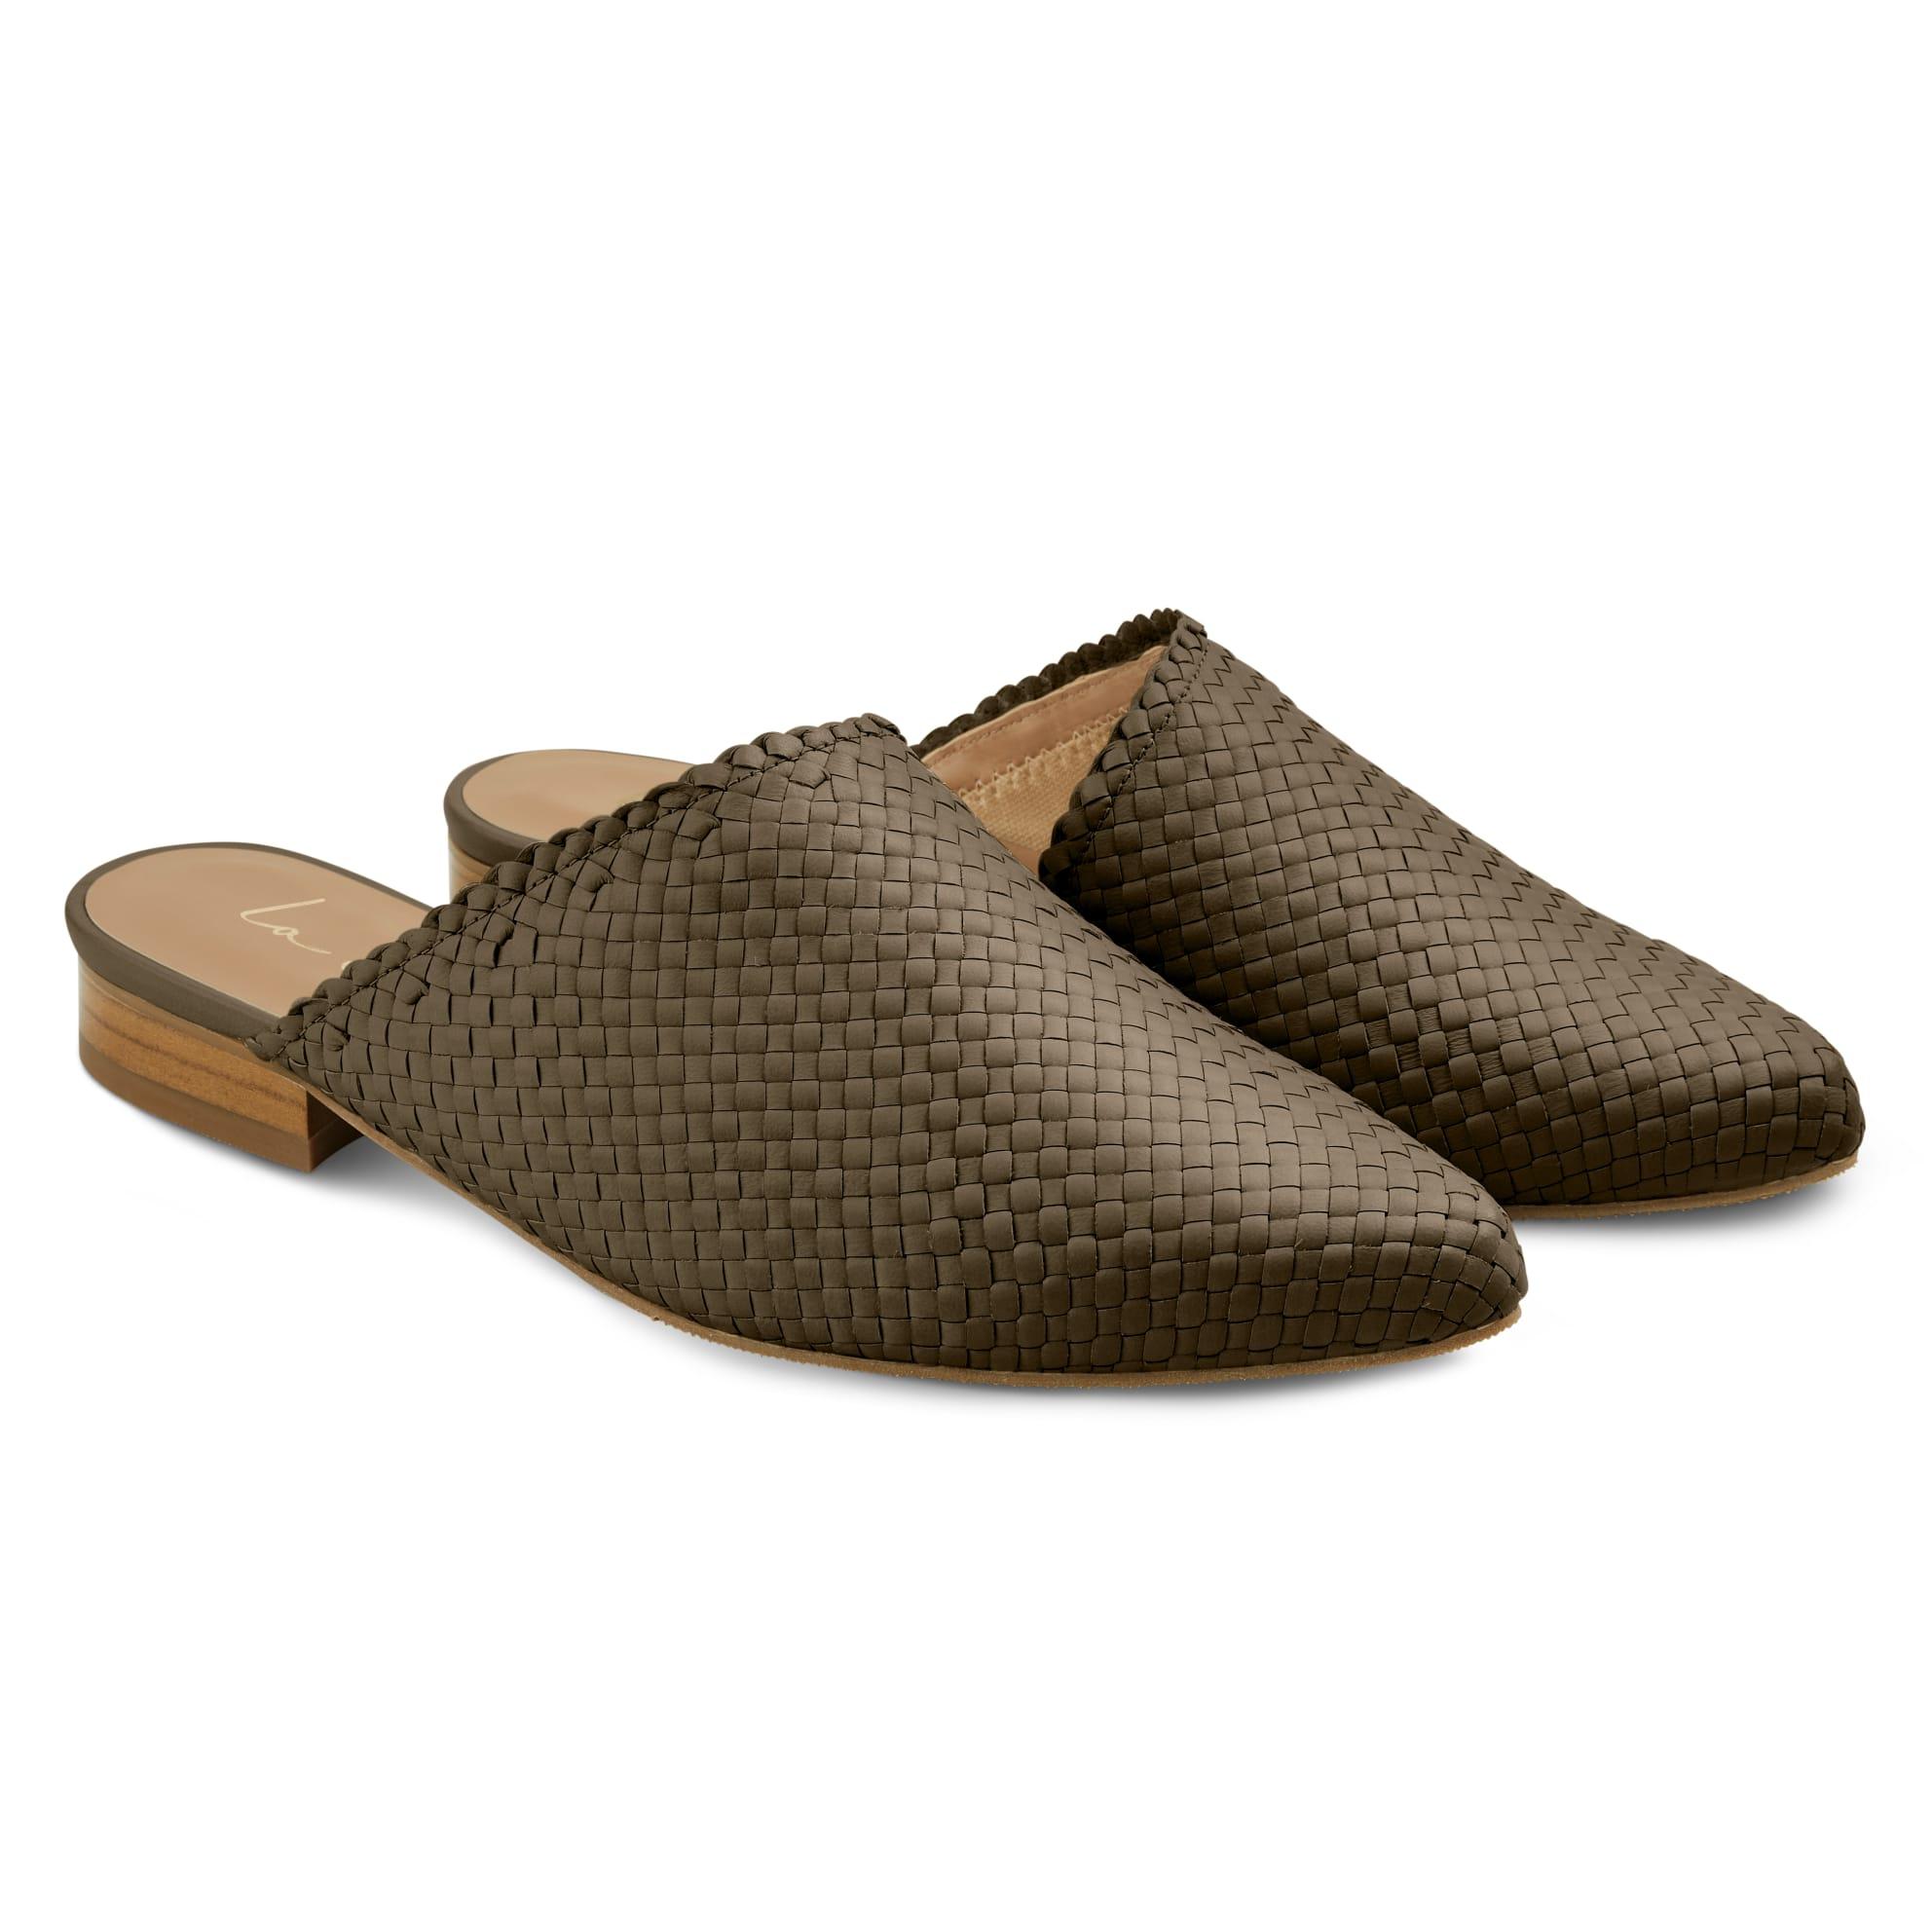 Premium Mule geflochten Khaki – modischer und bequemer Schuh für Hallux valgus und empfindliche Füße von LaShoe.de